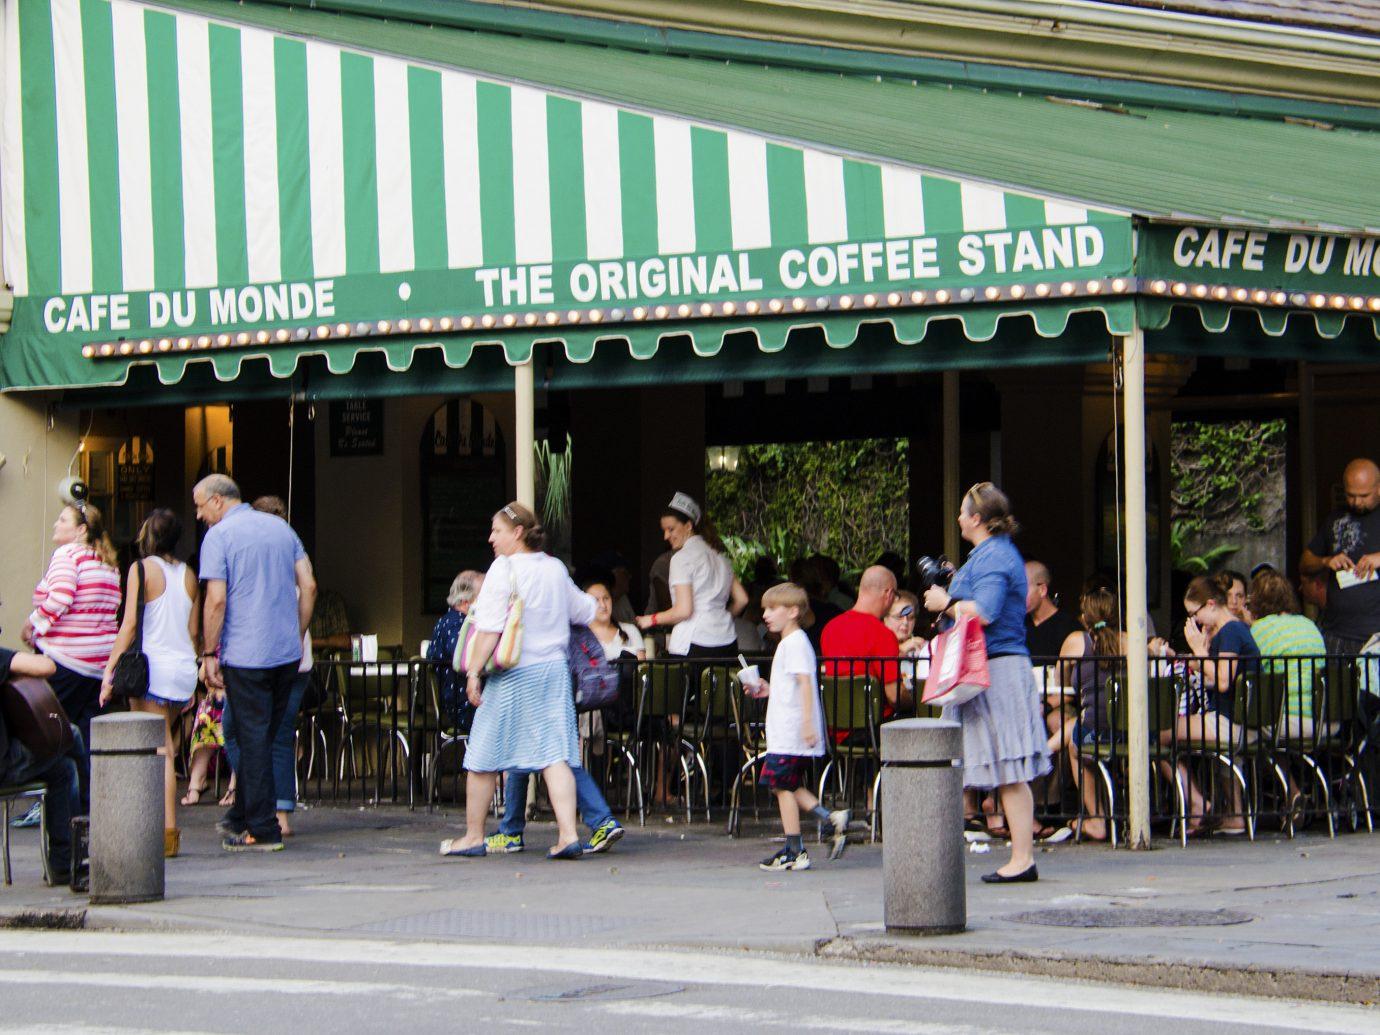 Girls Getaways New Orleans Trip Ideas Weekend Getaways building outdoor road person crowd people pedestrian festival